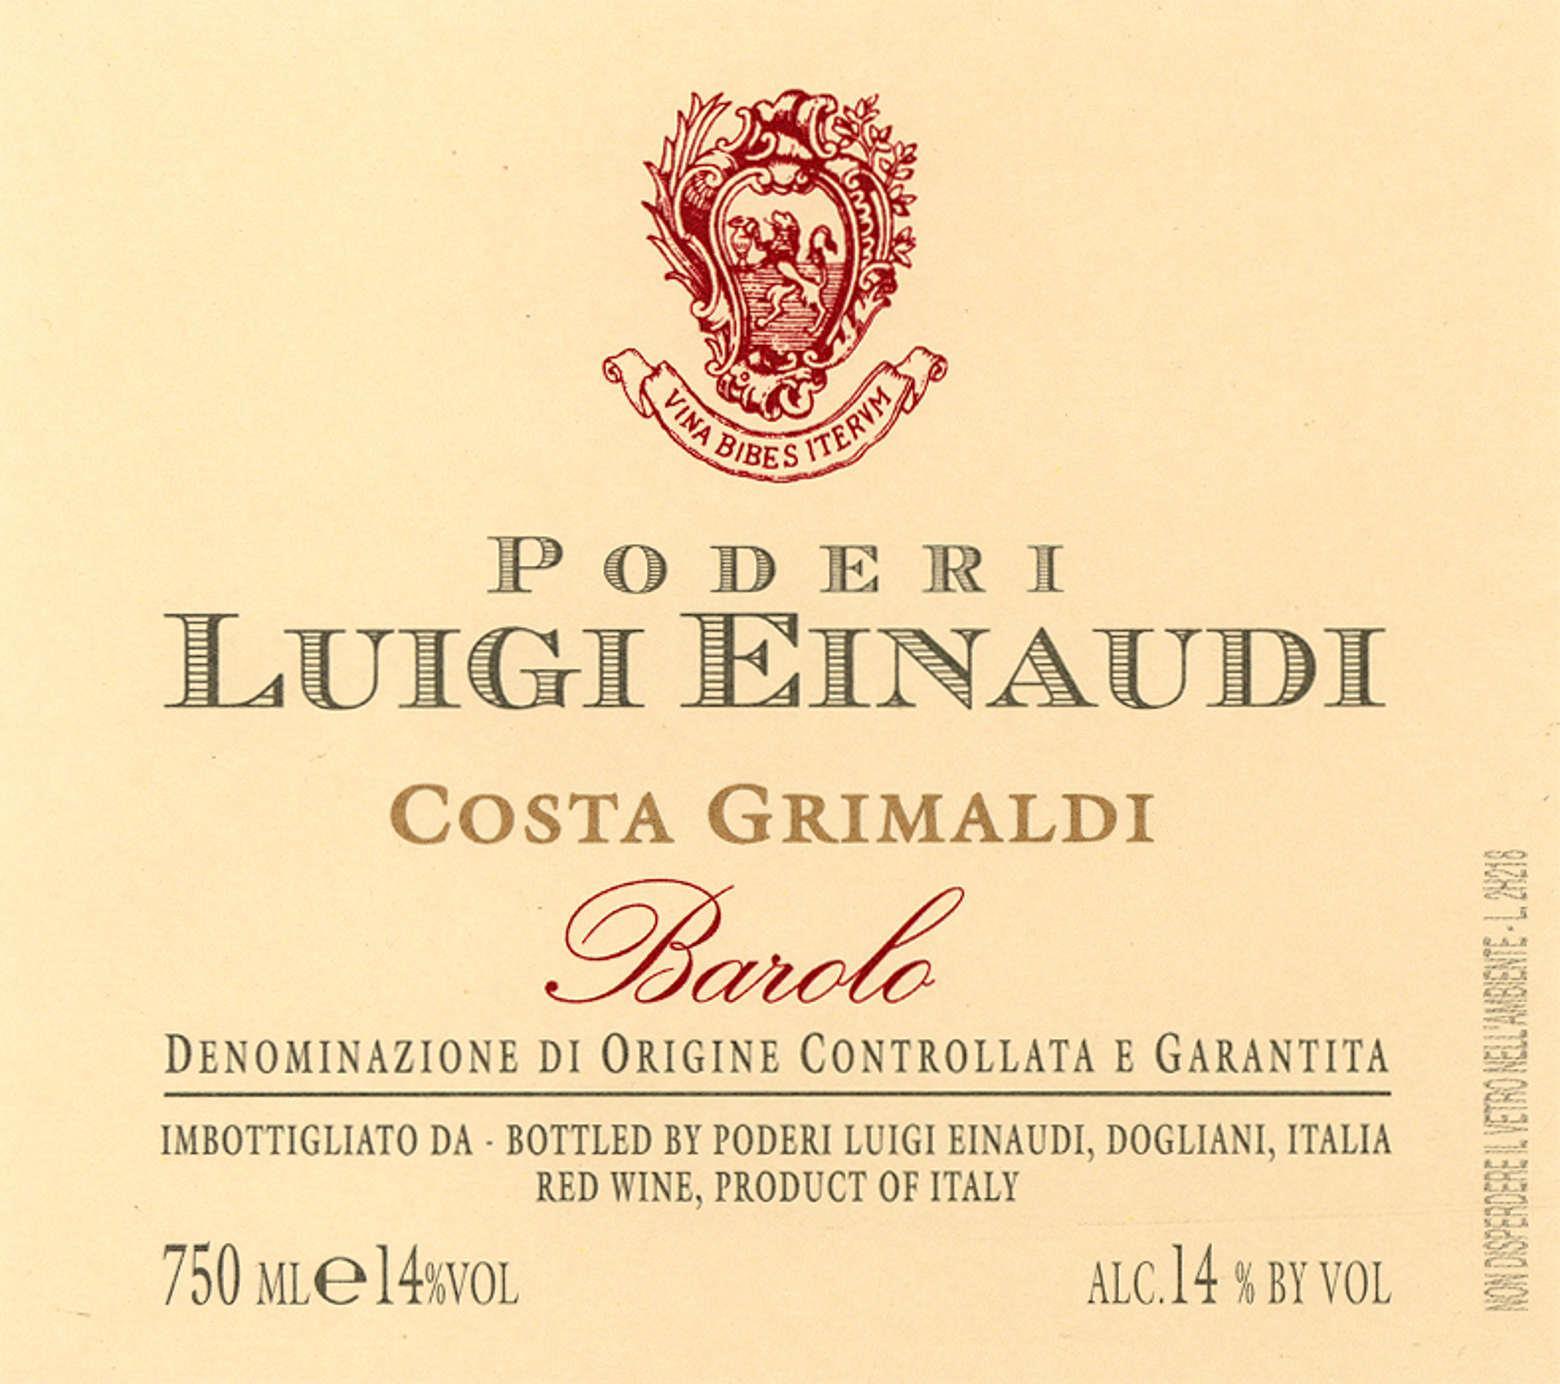 cartone mini-TEGOLE ROSSO vinaccia 3 Set lepri-conigliera aviario briefkast